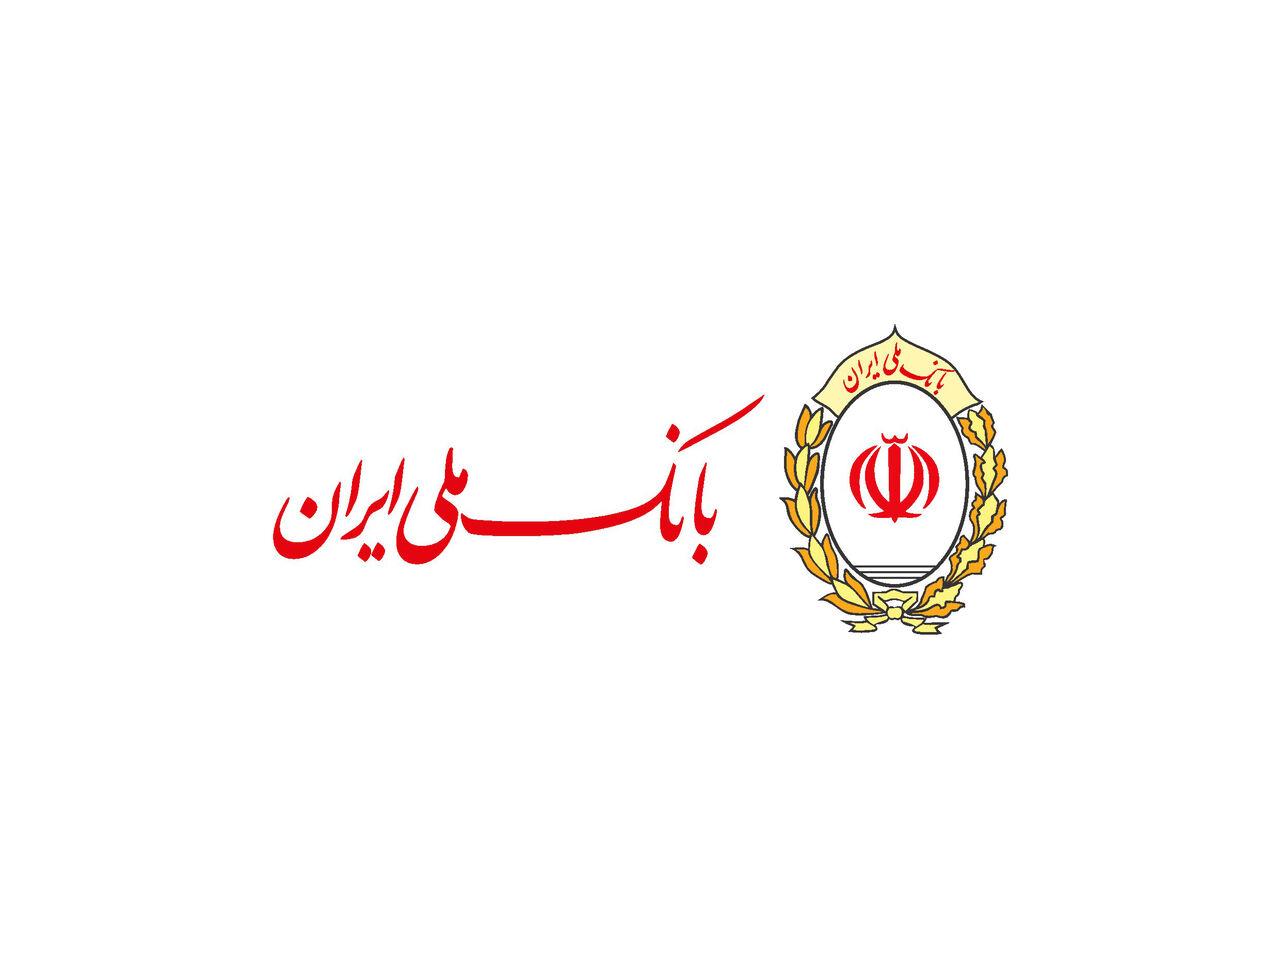 باشگاه آجودانیه (وابسته به بانک ملی)